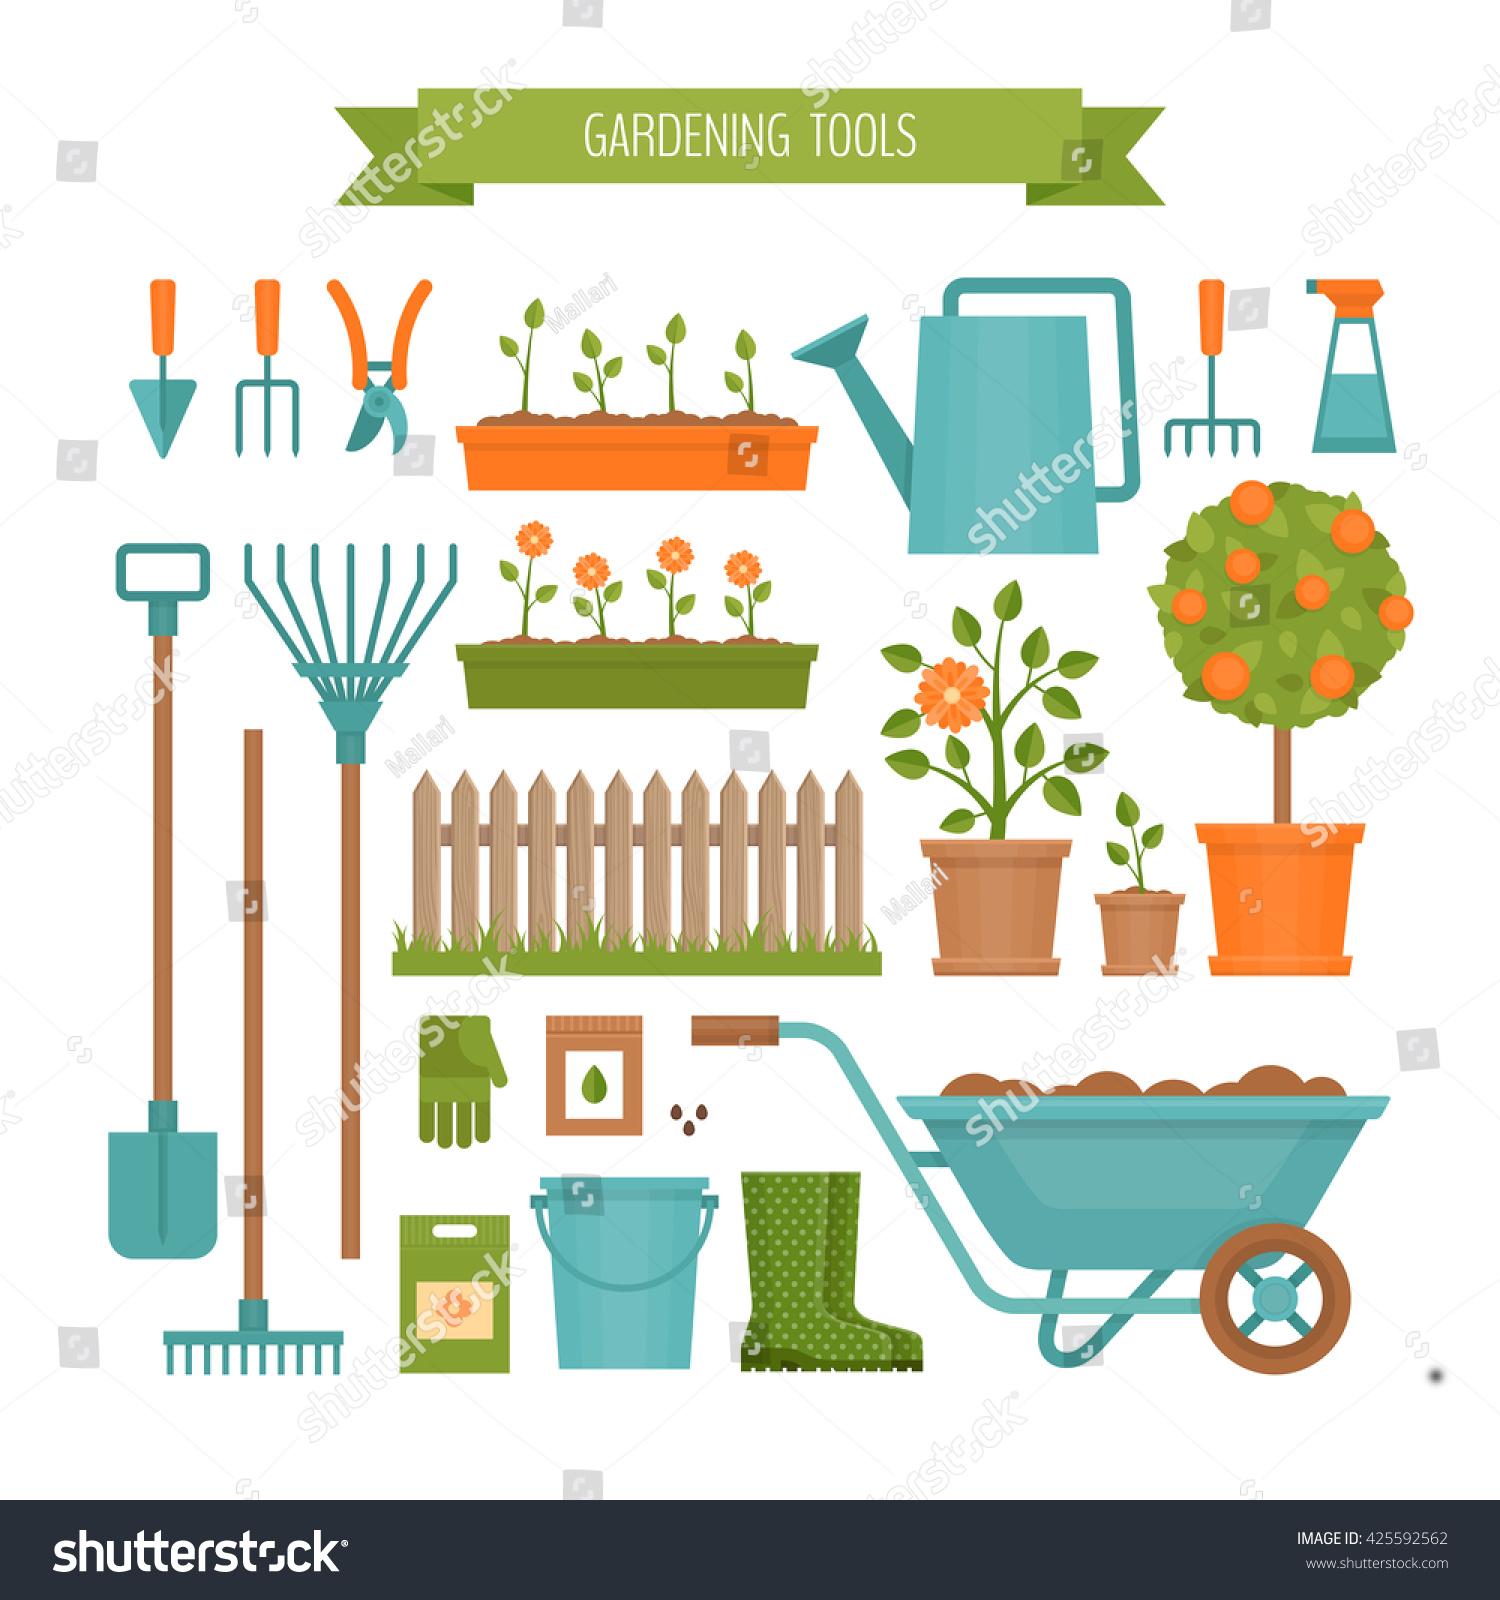 Gardening garden tools flat style vector stock vector for Gardening tools vector